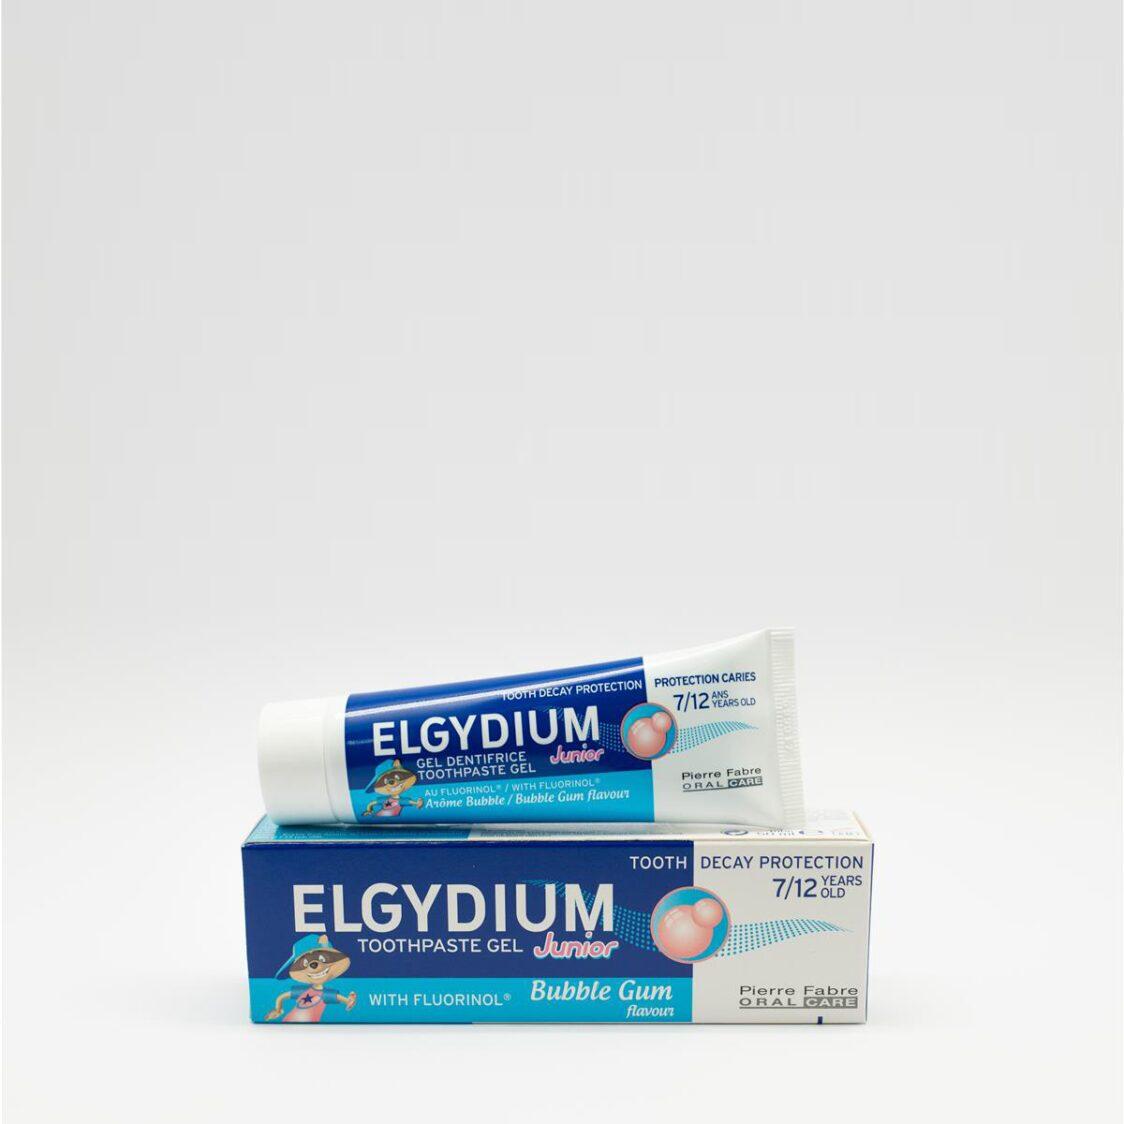 Elgydium Junior Bubble Gum Toothpaste Gel 50ml